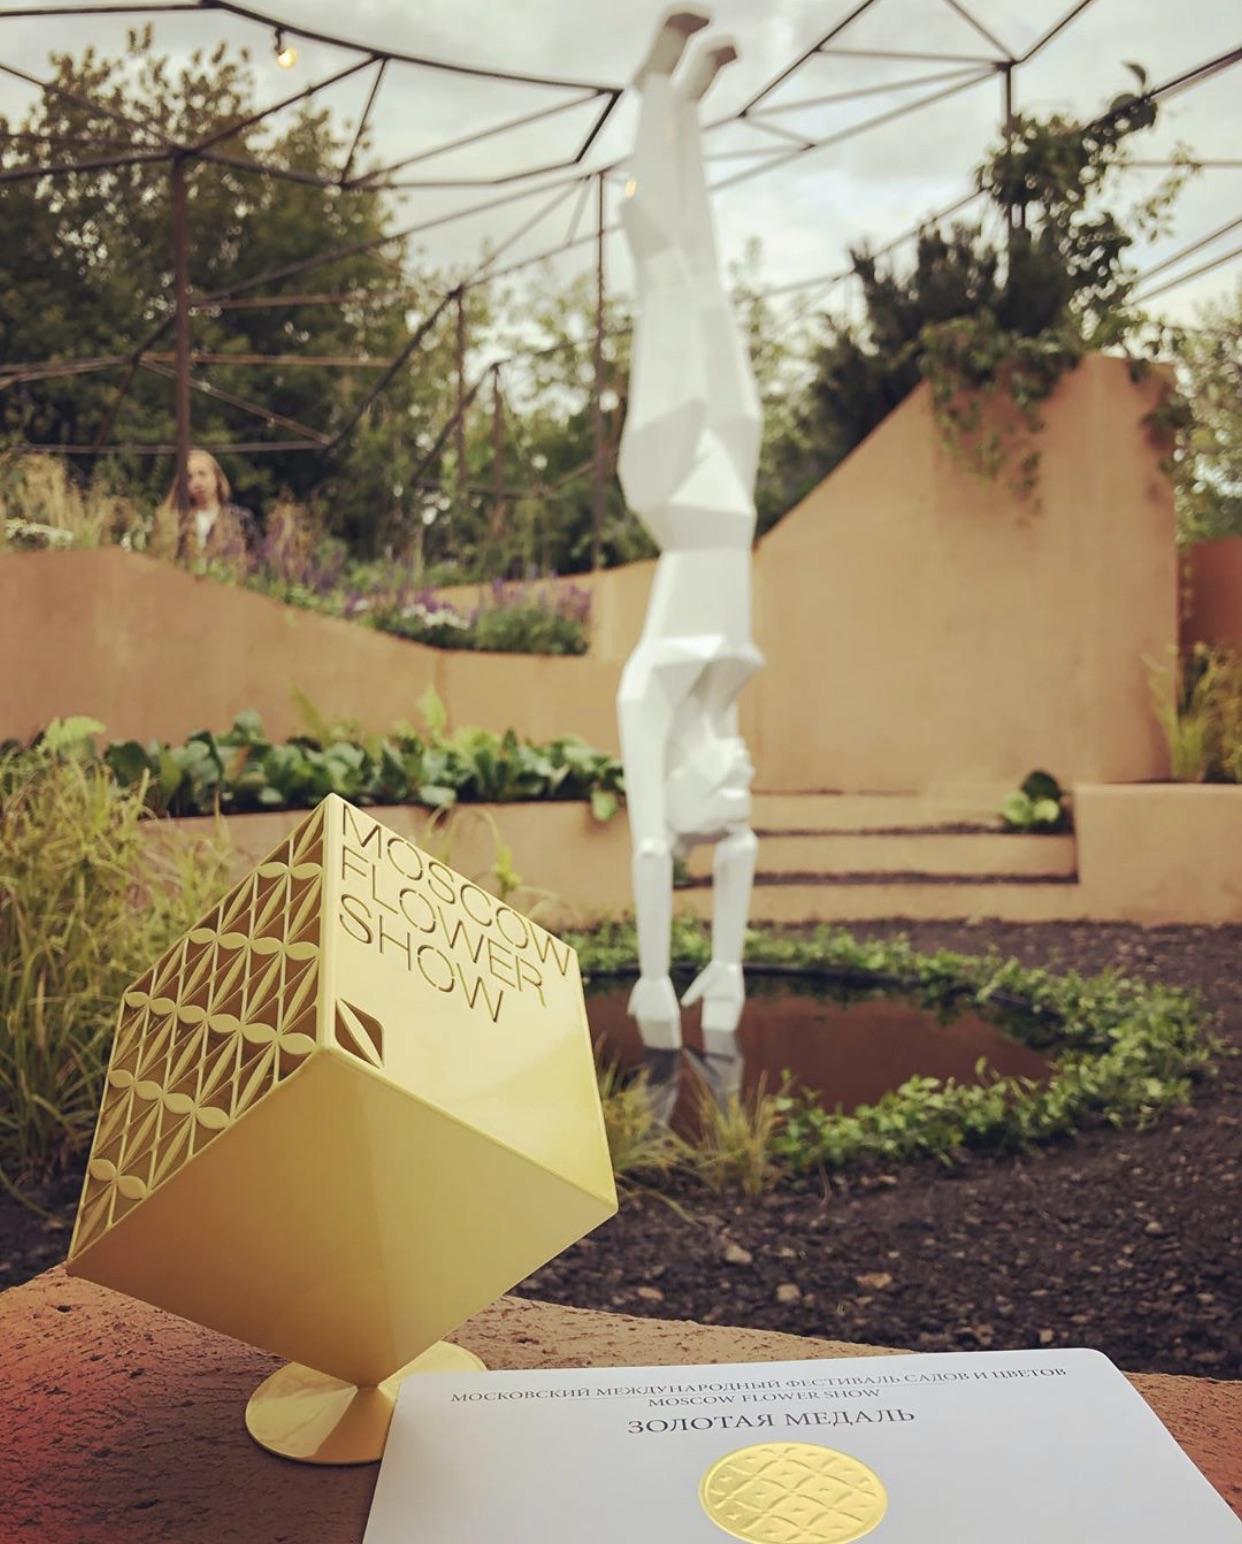 Ландшафтный проект архитектора компании HONKA получил золото на Moscow Flower Show 2019